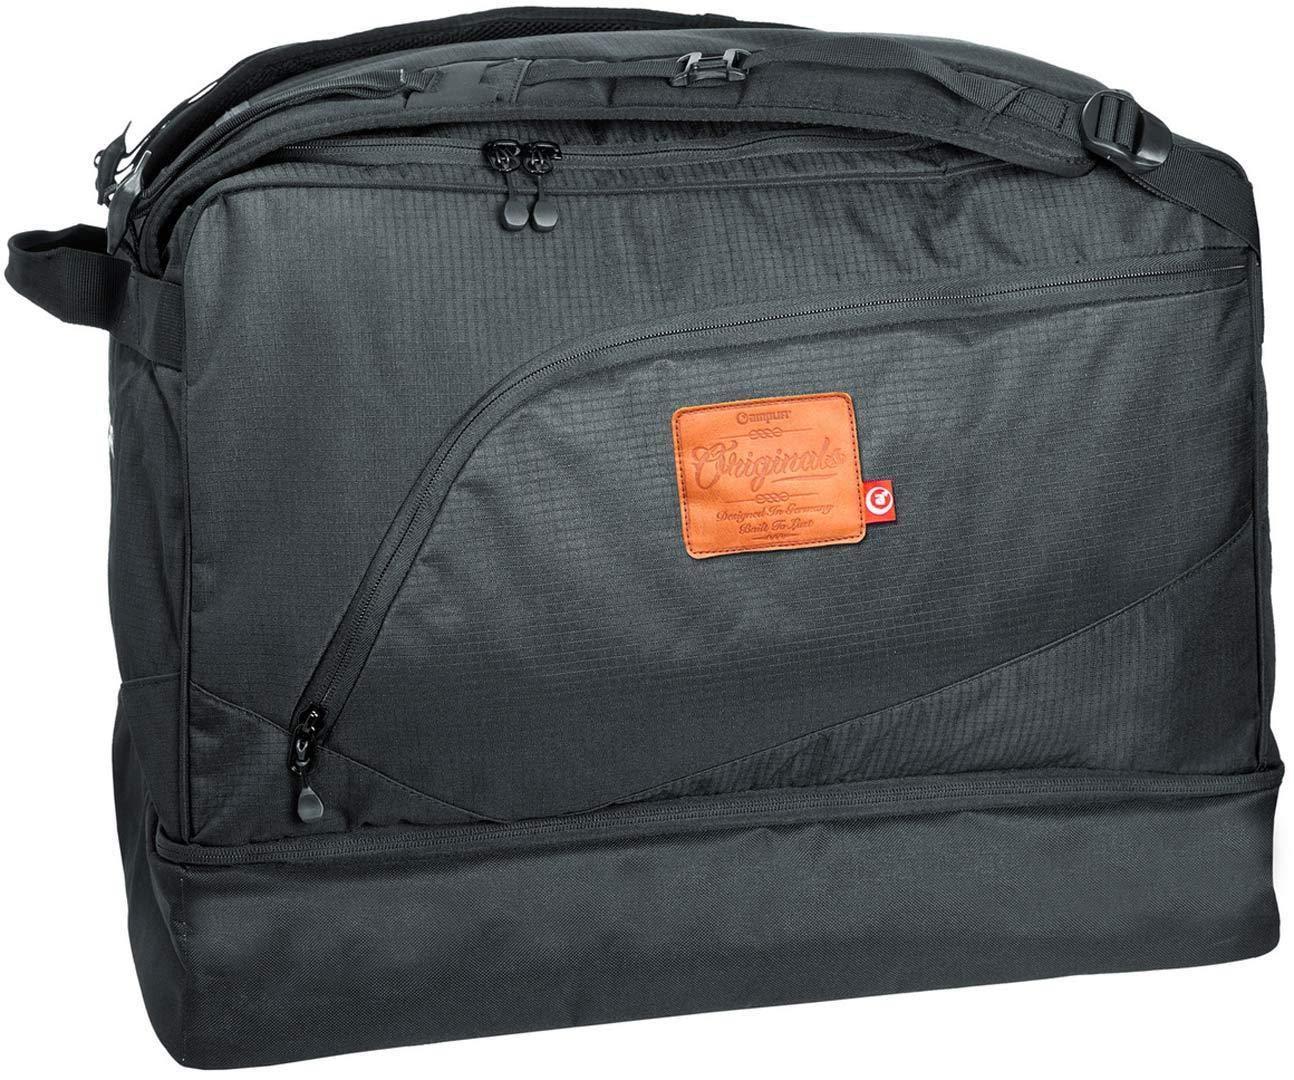 Amplifi Travel Torino Reisetasche schwarz